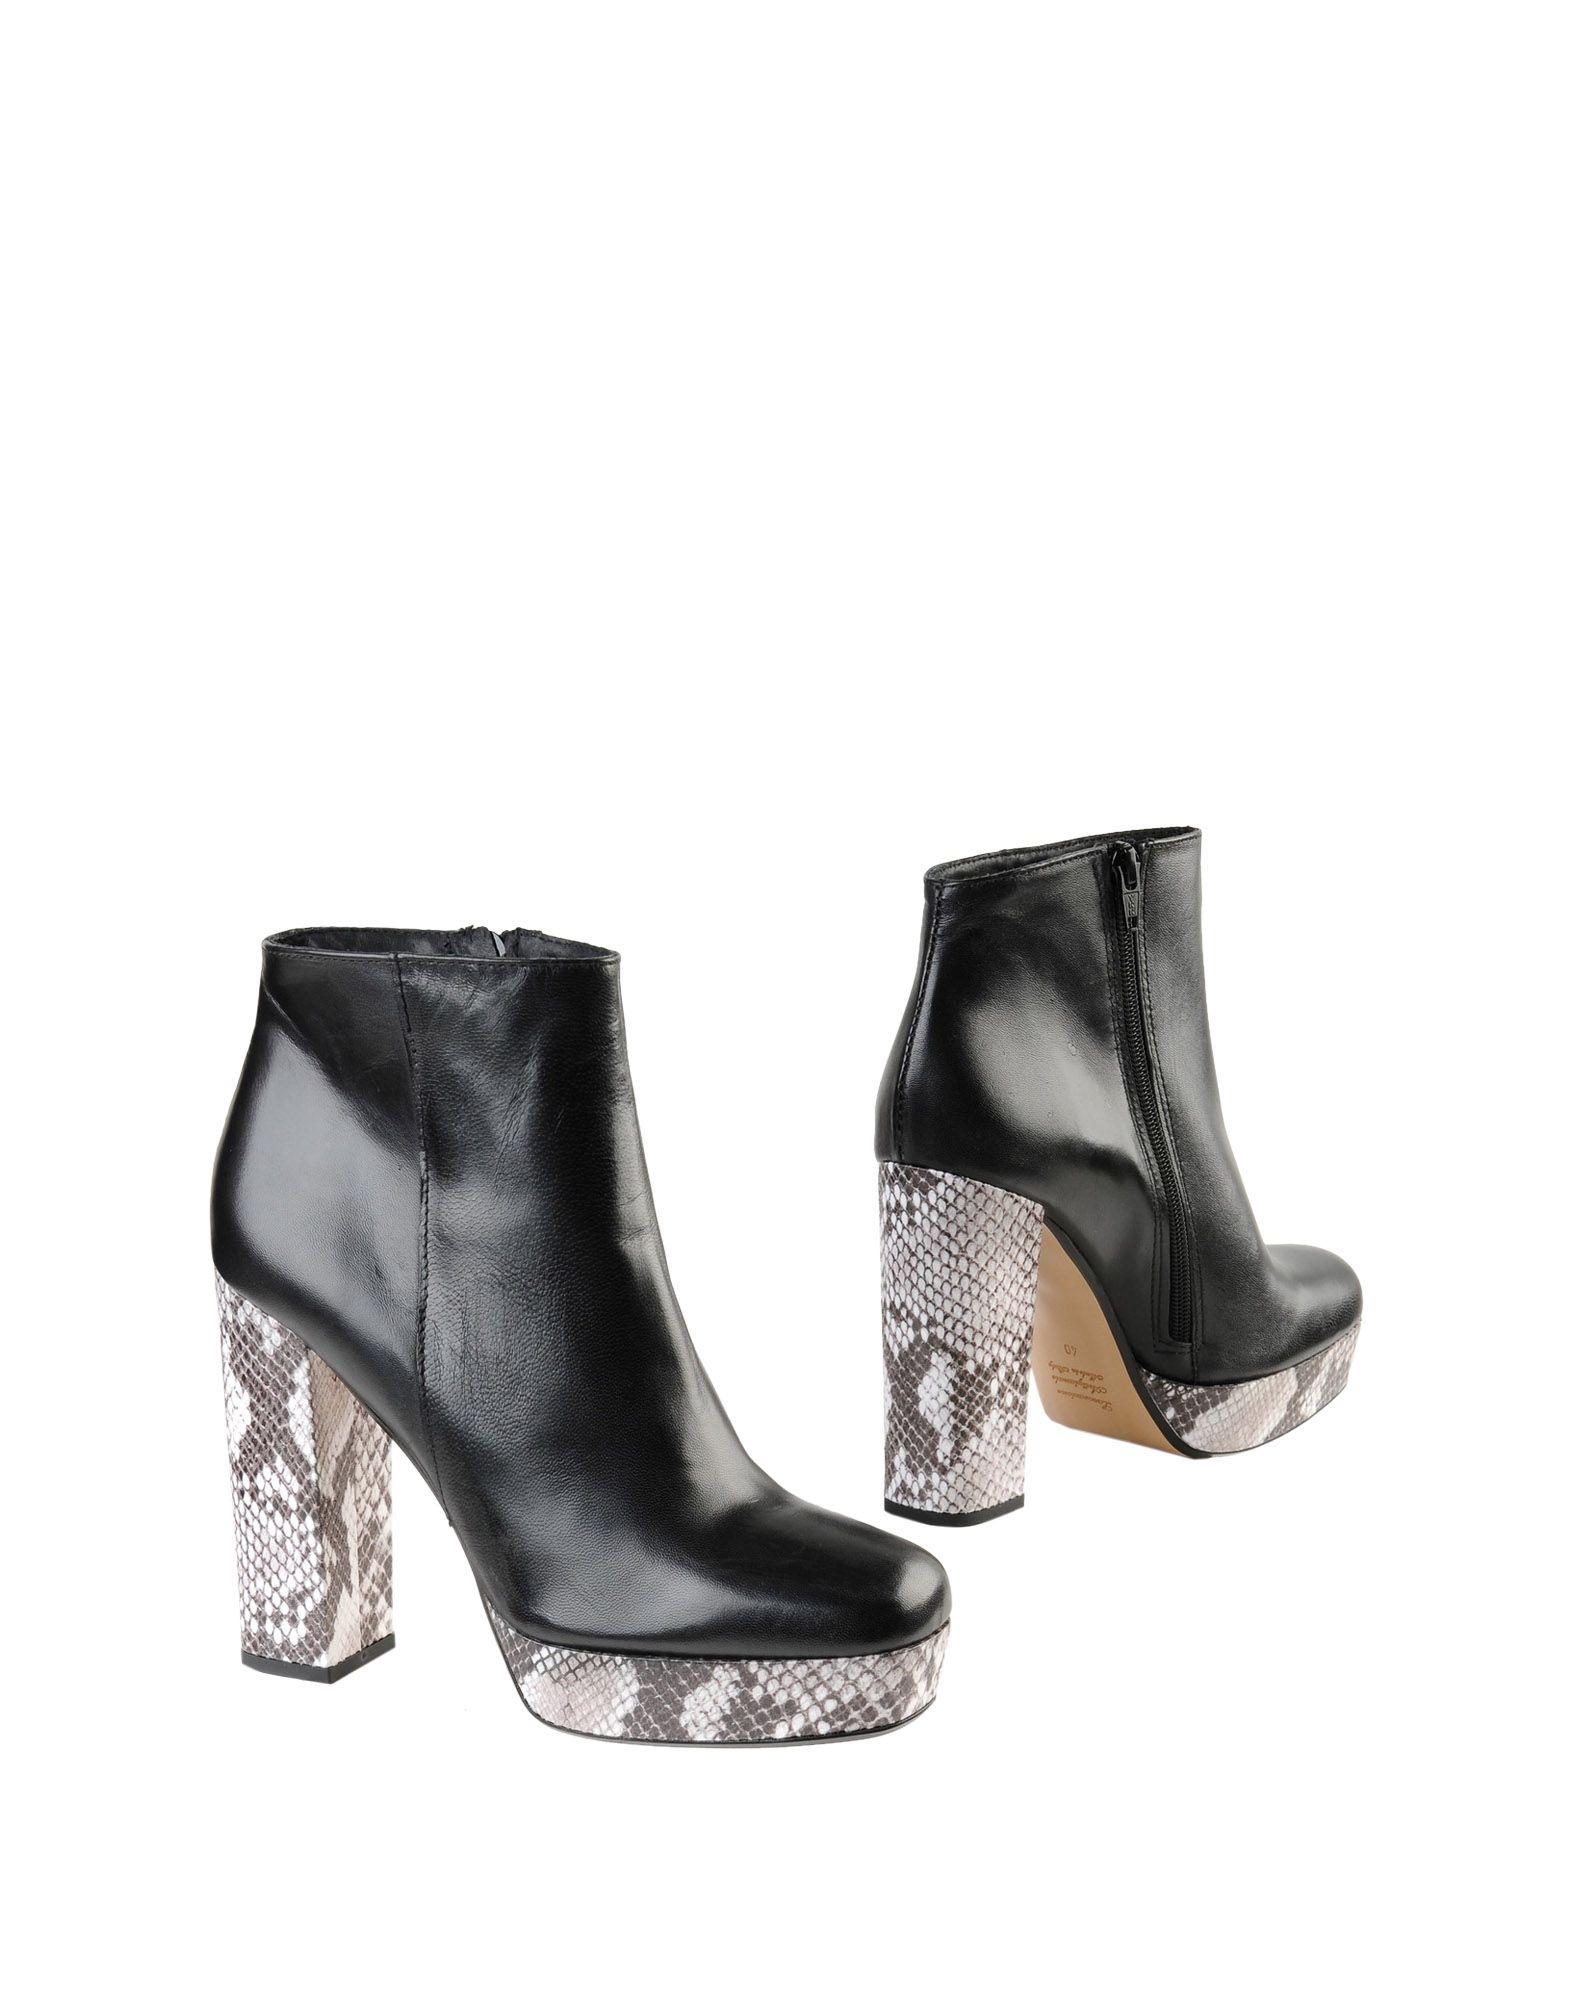 Jolie By Edward Spiers Stiefelette Damen  11545003MPGut aussehende strapazierfähige Schuhe